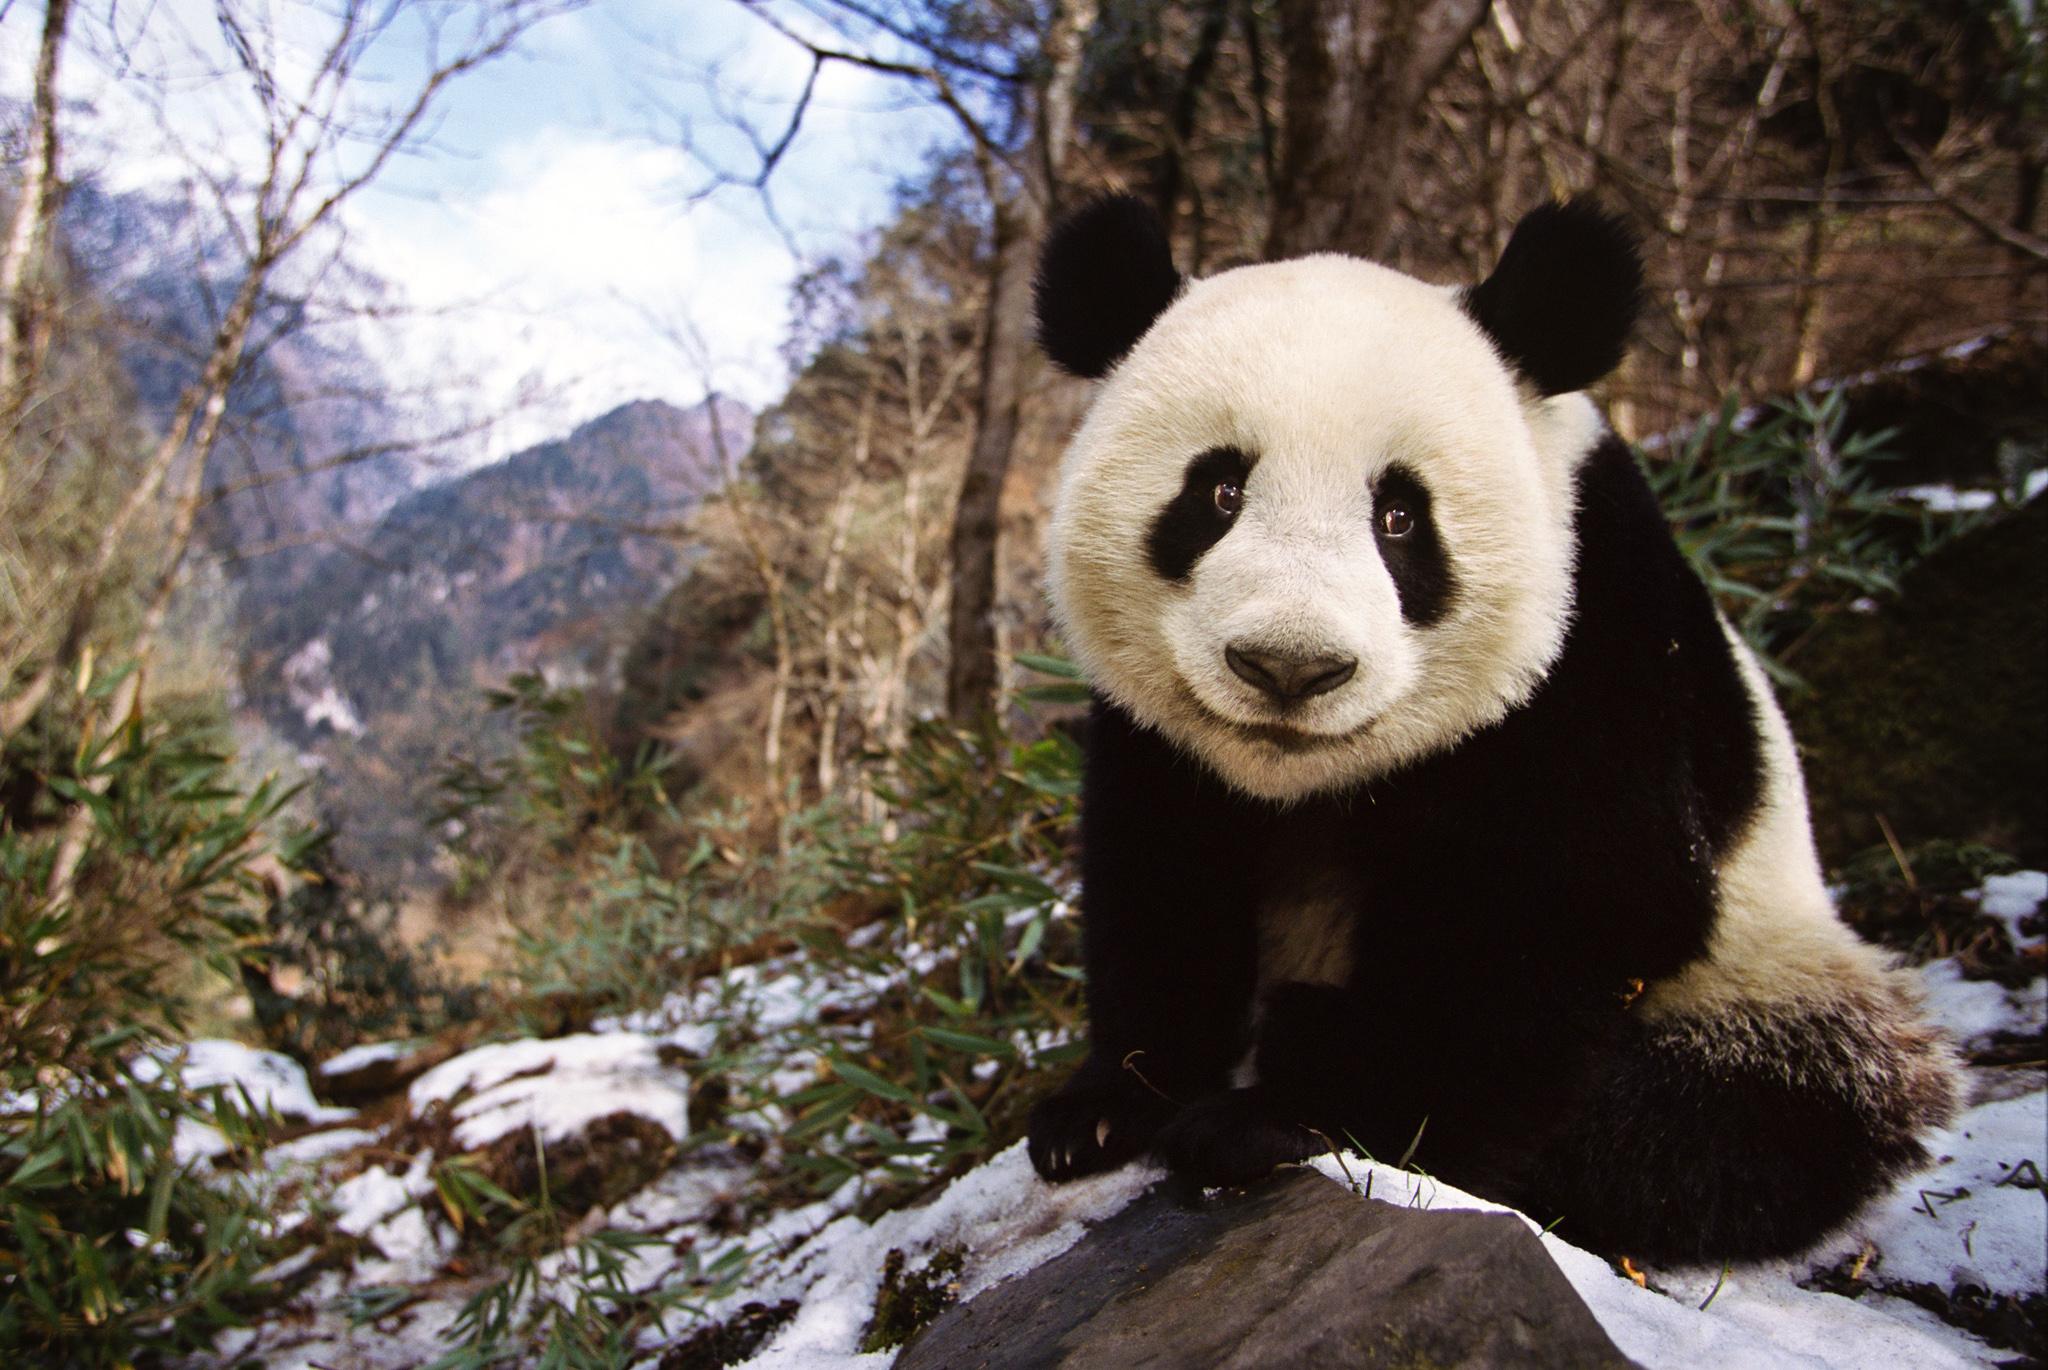 Wild panda photo